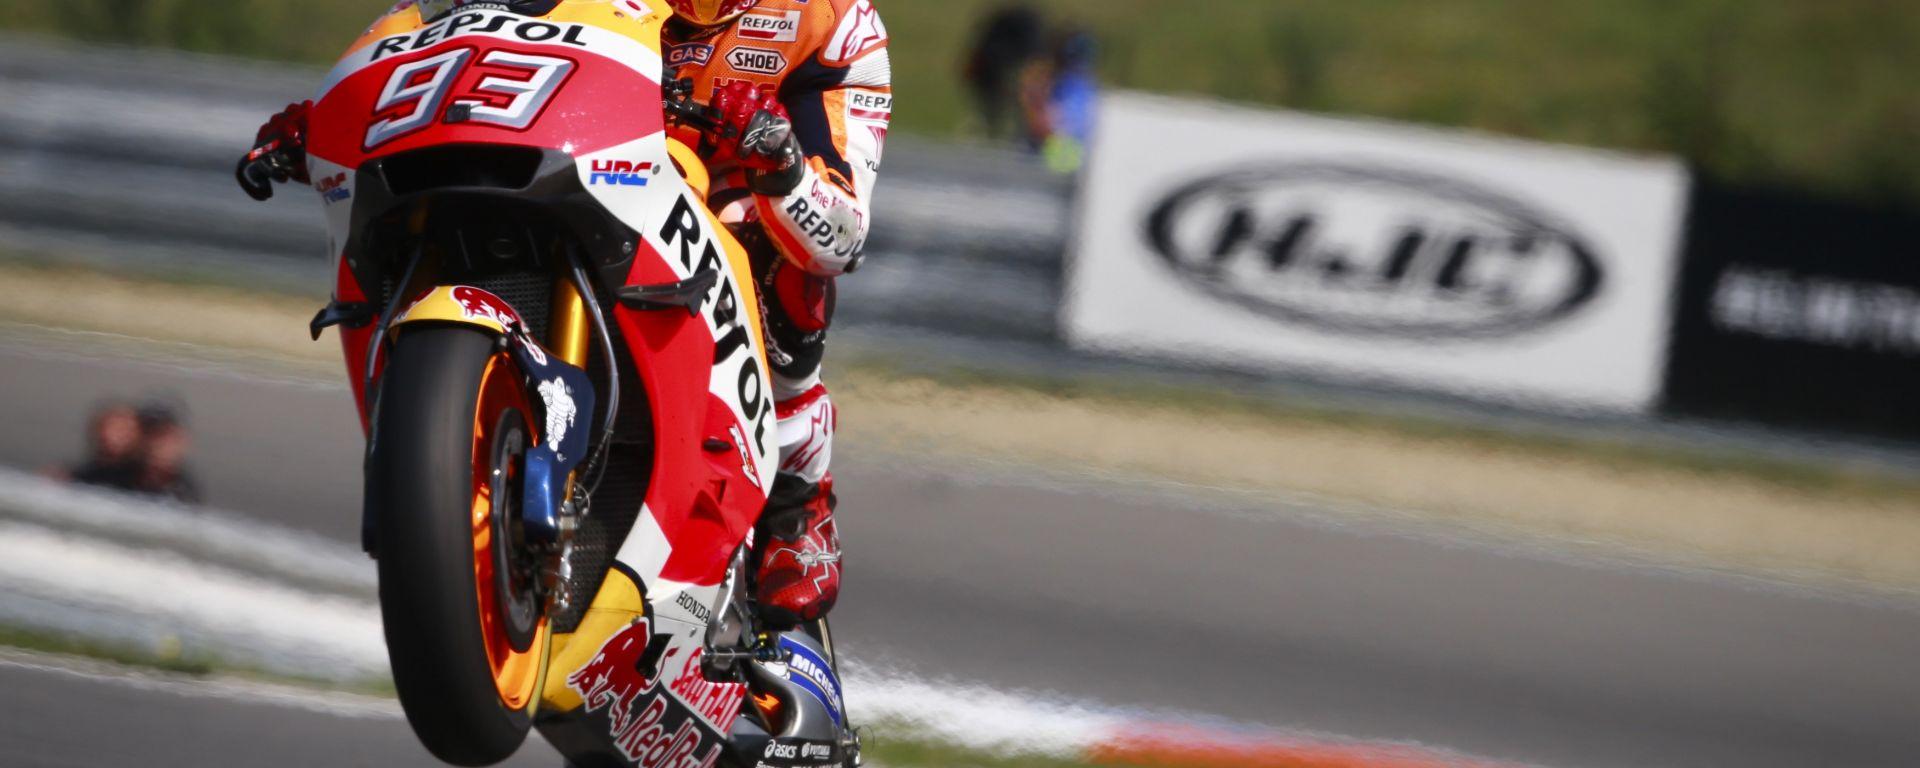 MotoGP 2016 Repubblica Ceca: Marquez in Pole a Brno davanti a Lorenzo e Iannone